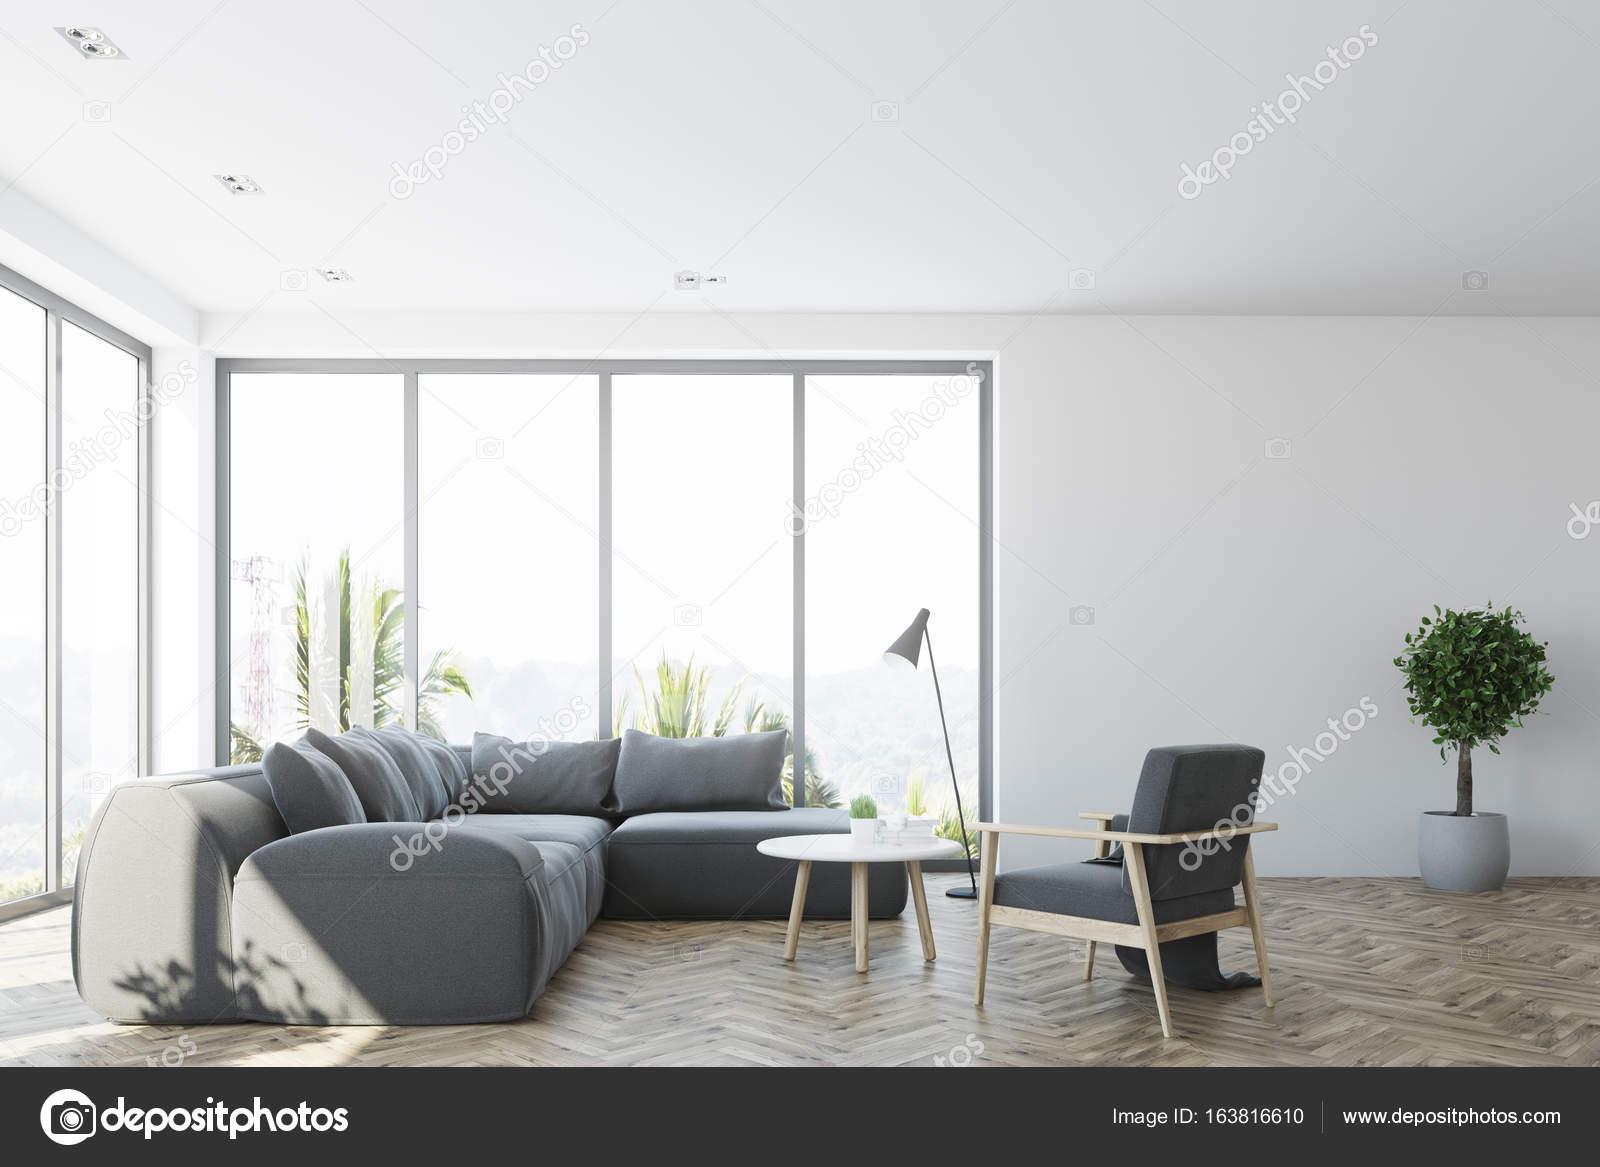 Branco Interior Sala De Estar Com Um Sof Cinza Frente Stock  -> Sala Com Sofa Cinza E Poltronas